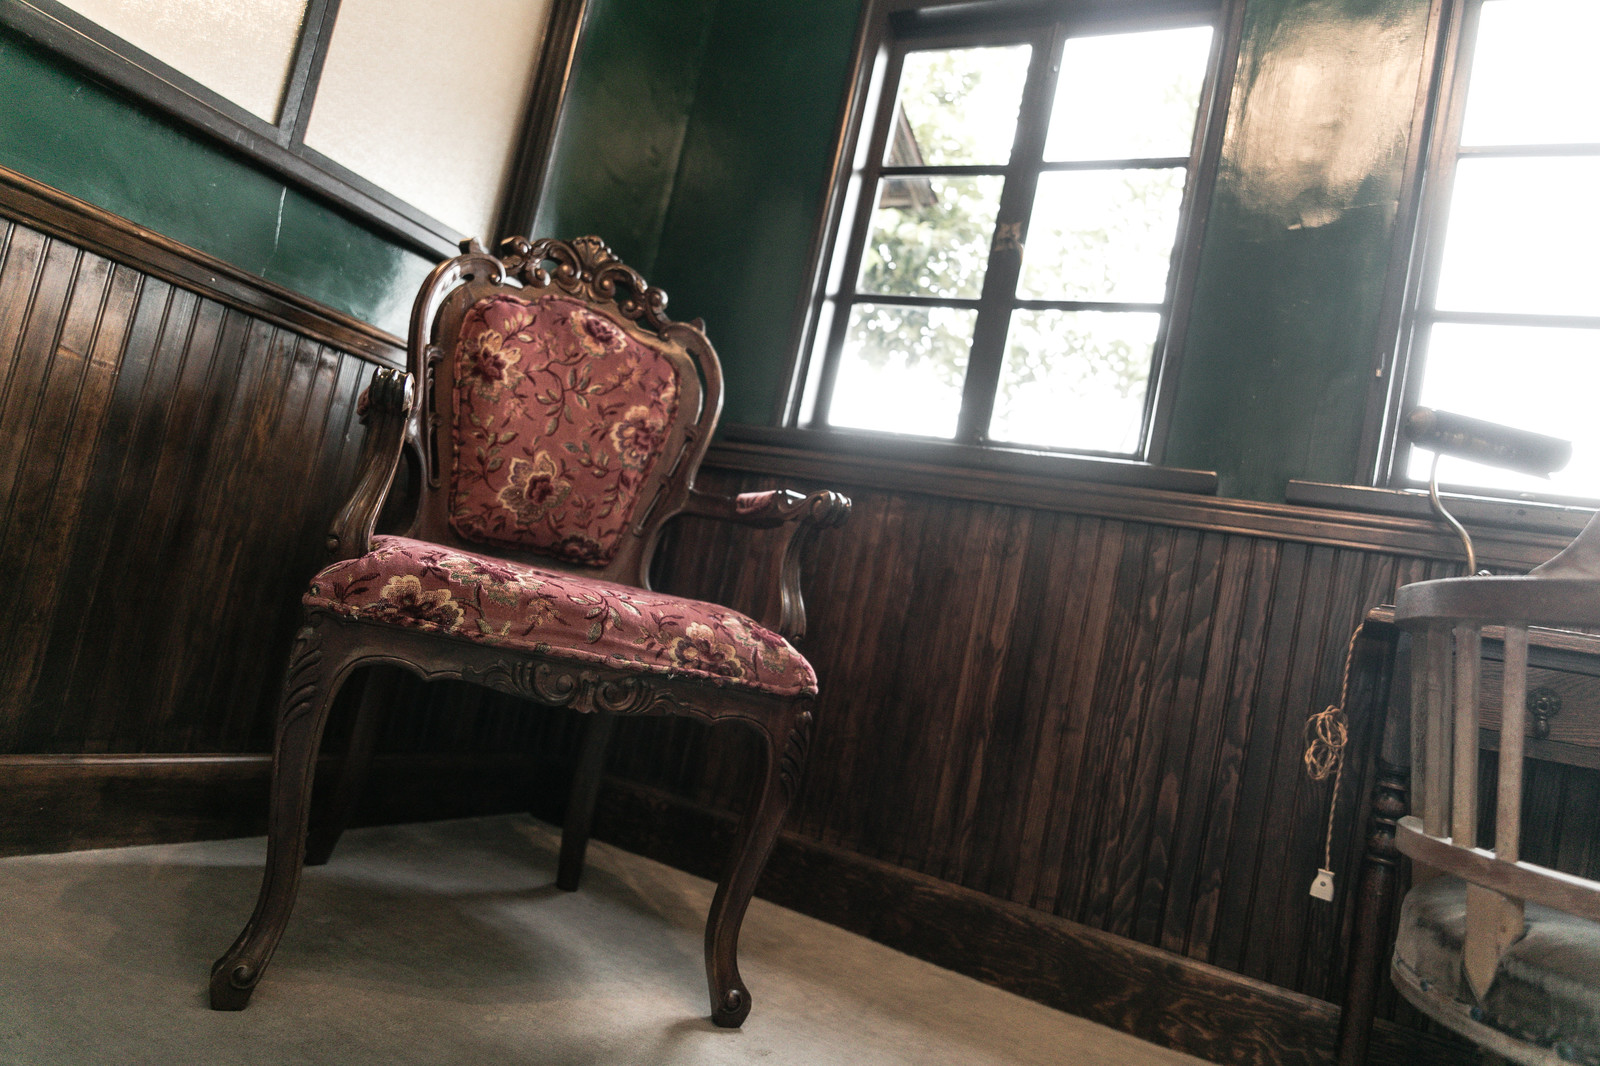 「洋館のゴージャスな椅子」の写真